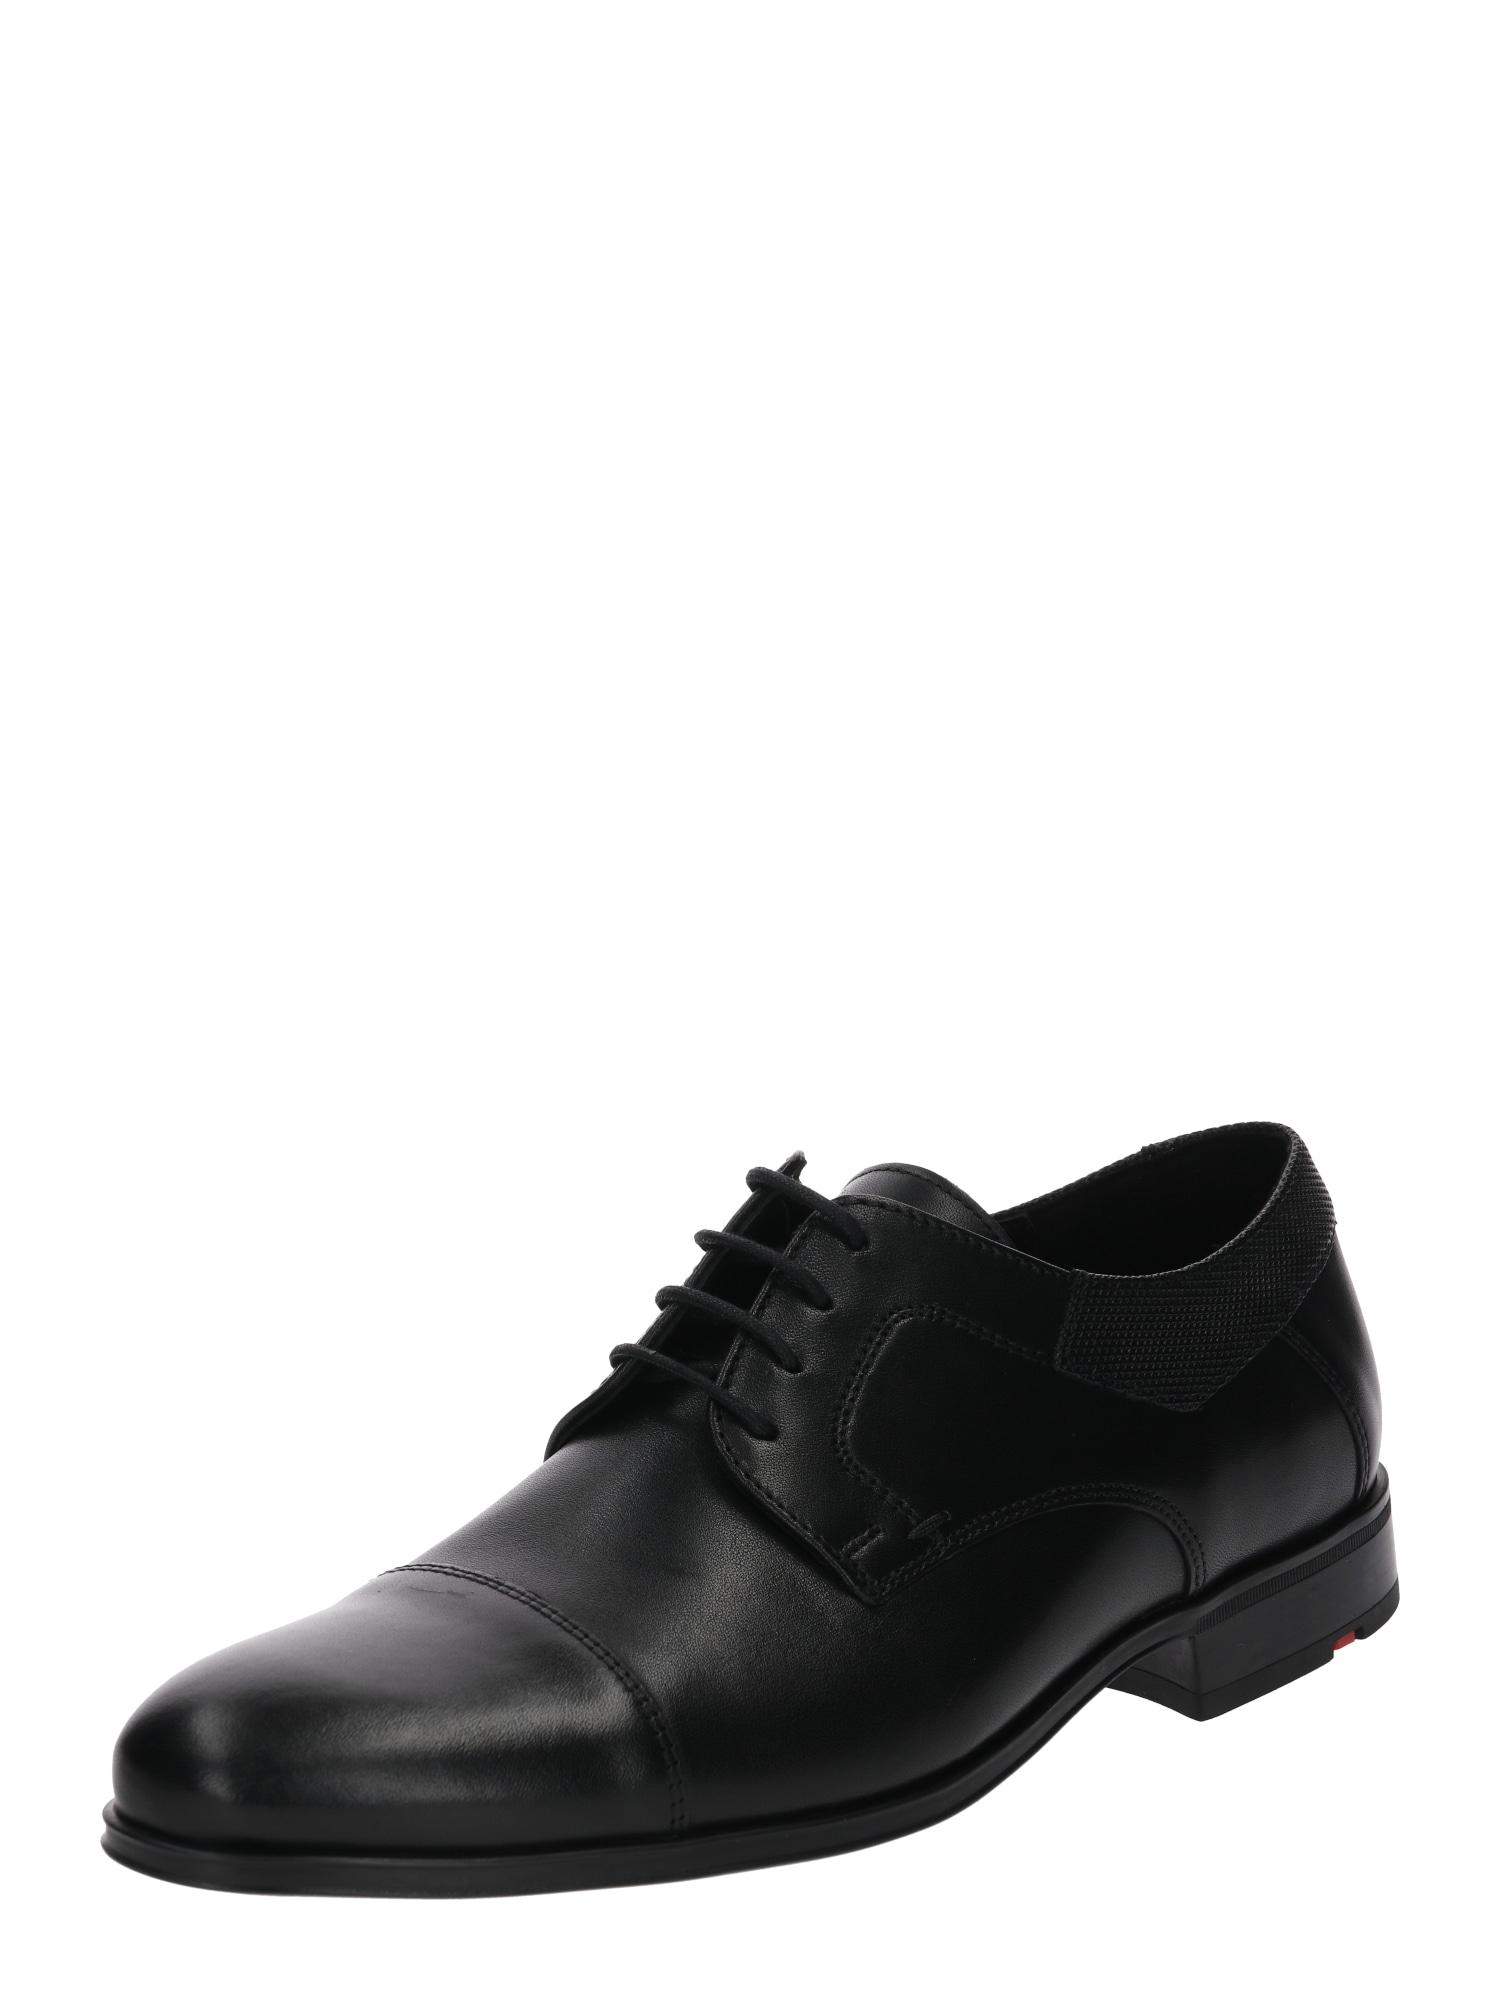 Šněrovací boty LALFA černá LLOYD